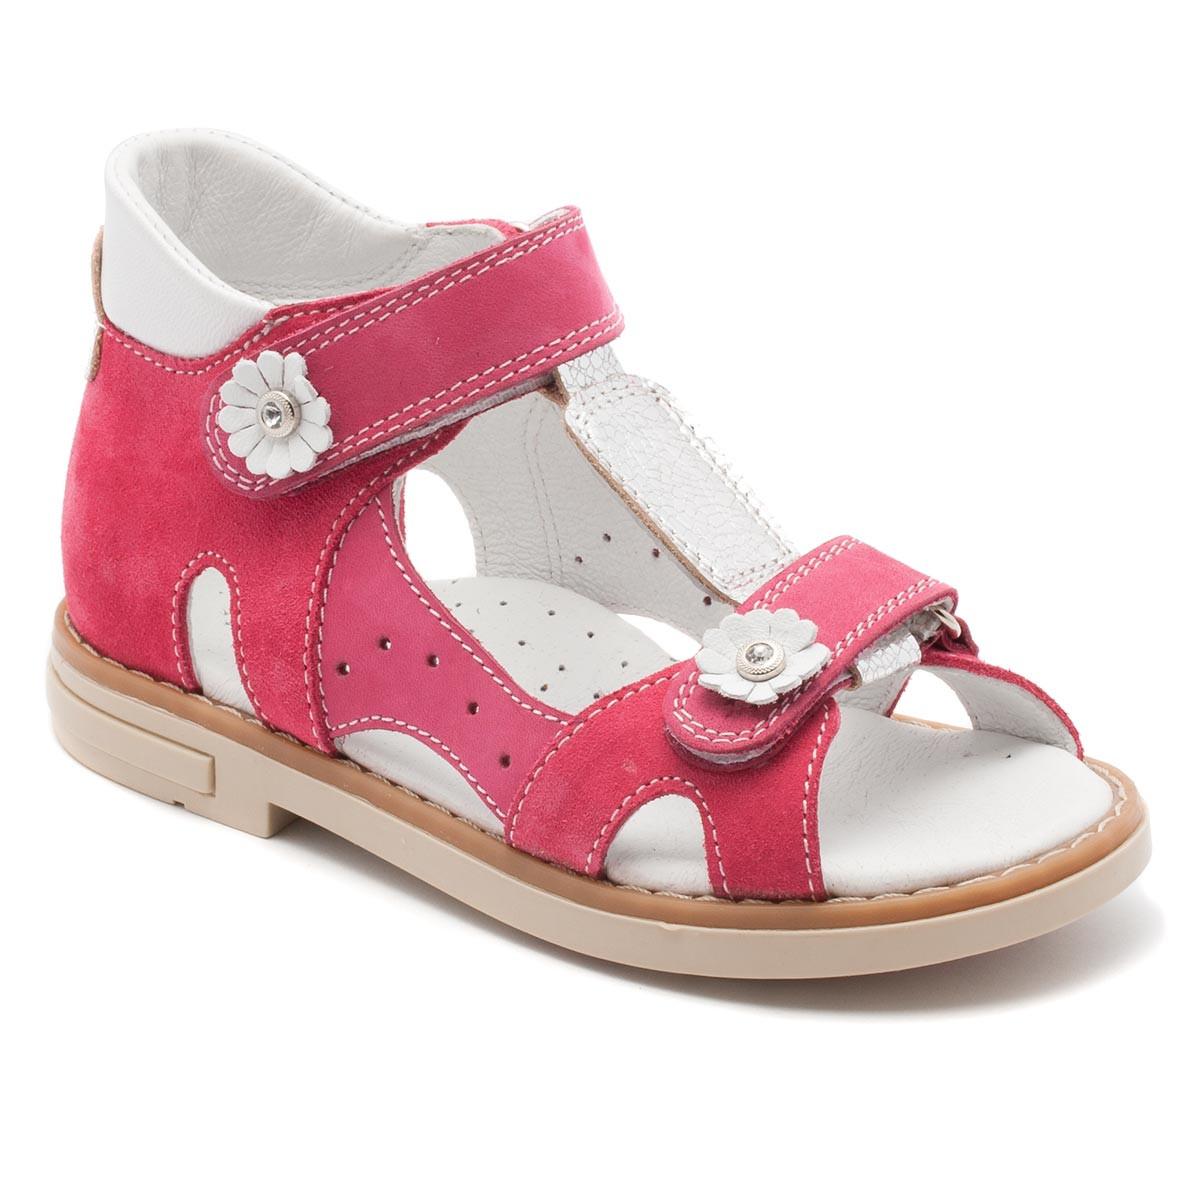 Розовые ортопедические босоножки FS Сollection для девочки, розовые, размер 20-30